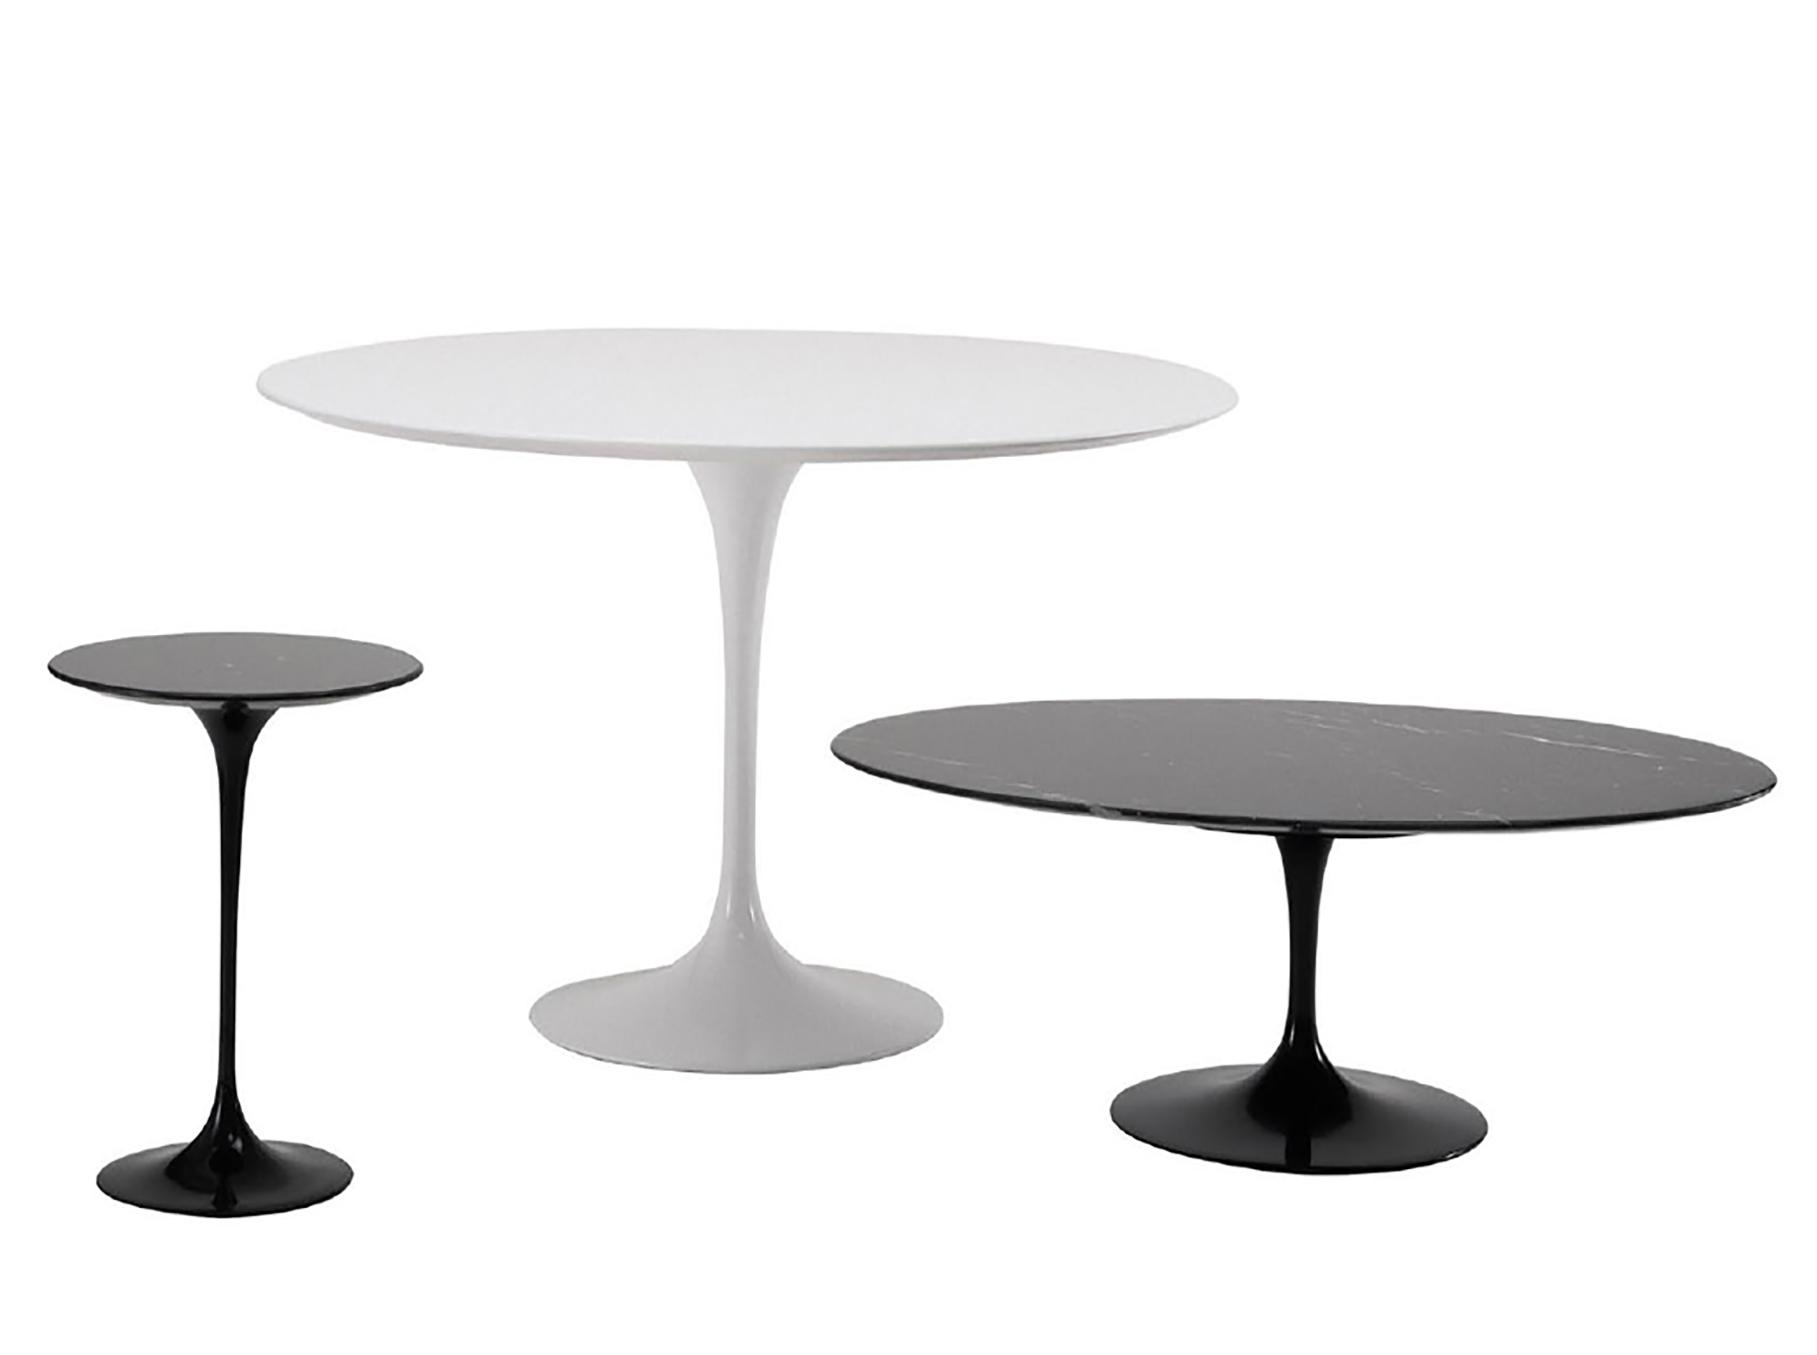 Купить со скидкой Обеденный стол Apriori t белого цвета